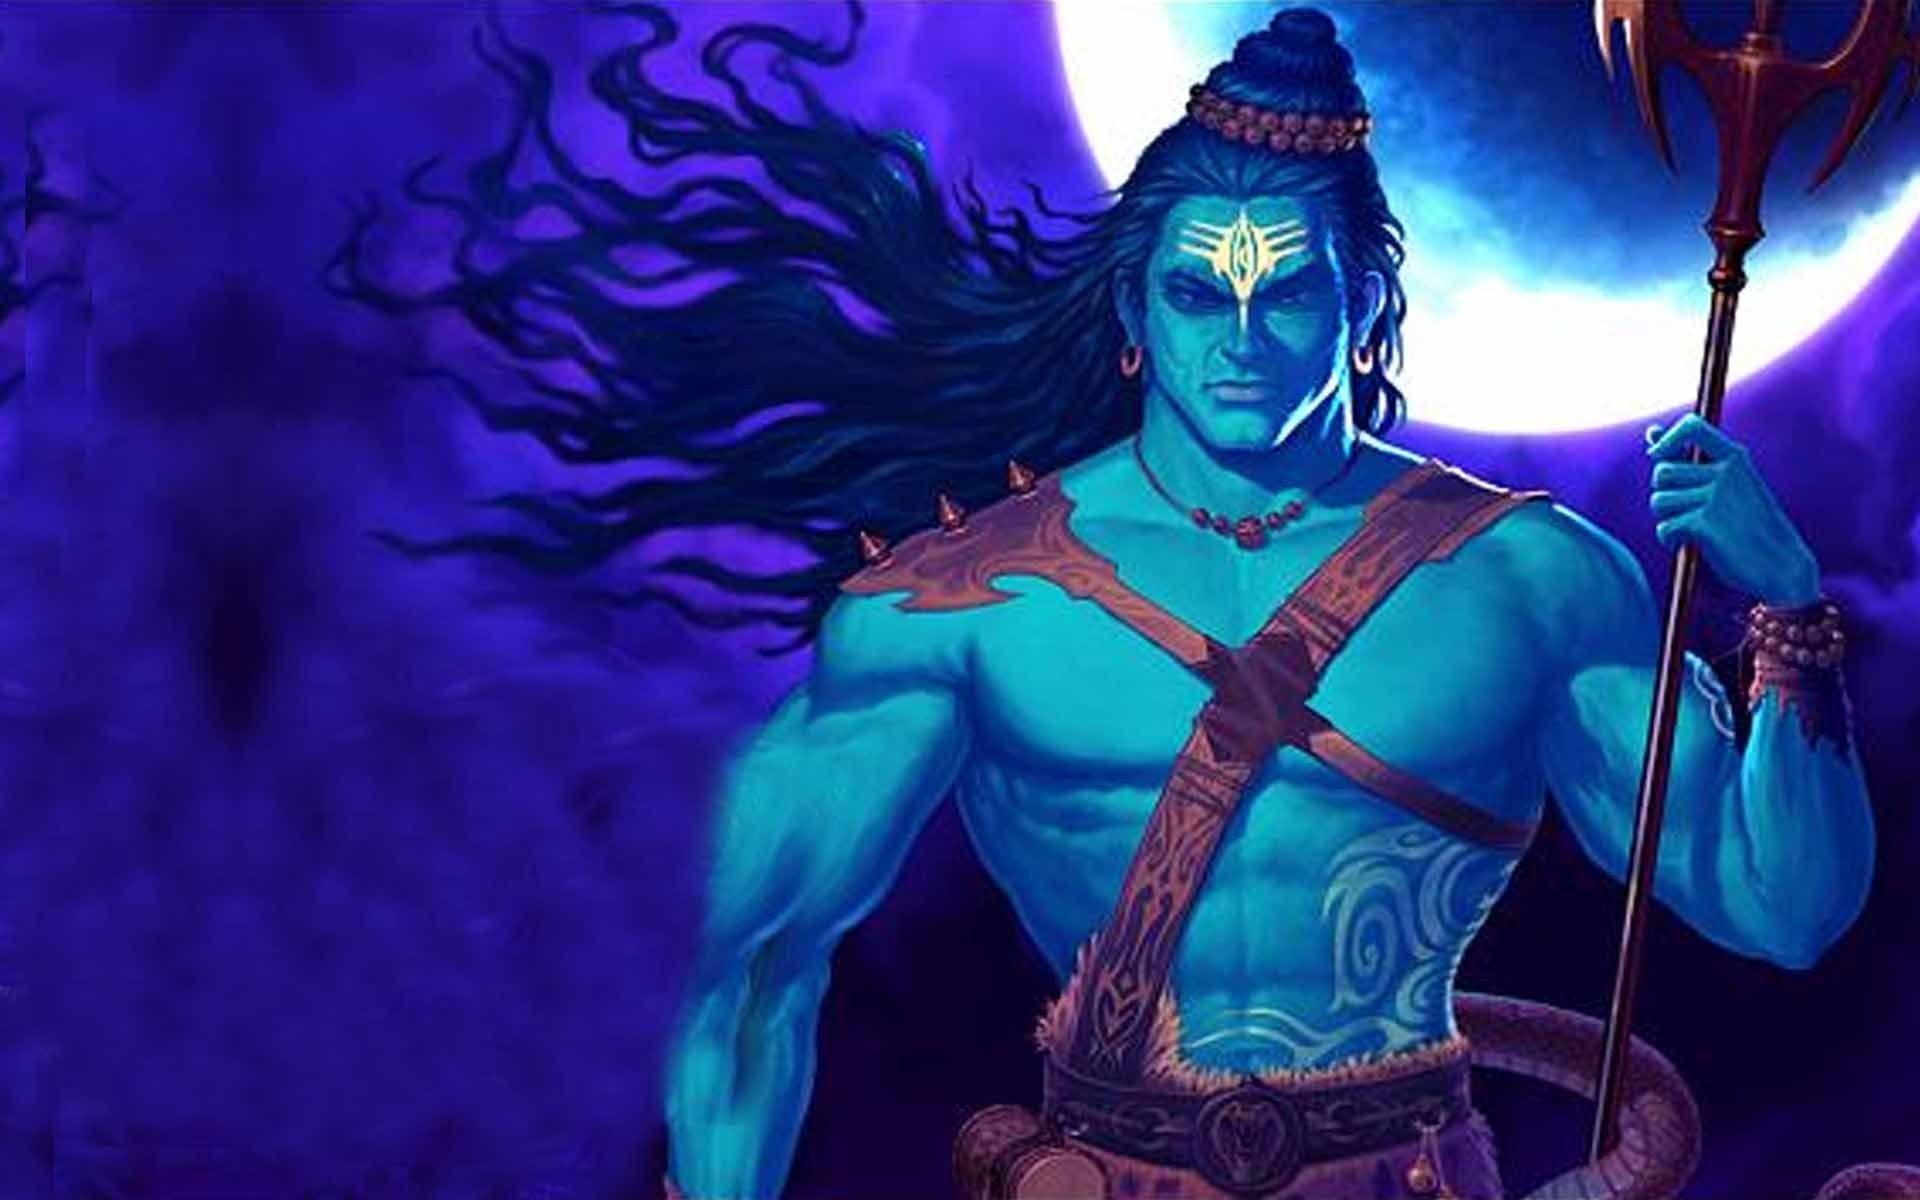 1920x1200 Chúa Shiva hình nền hình nền